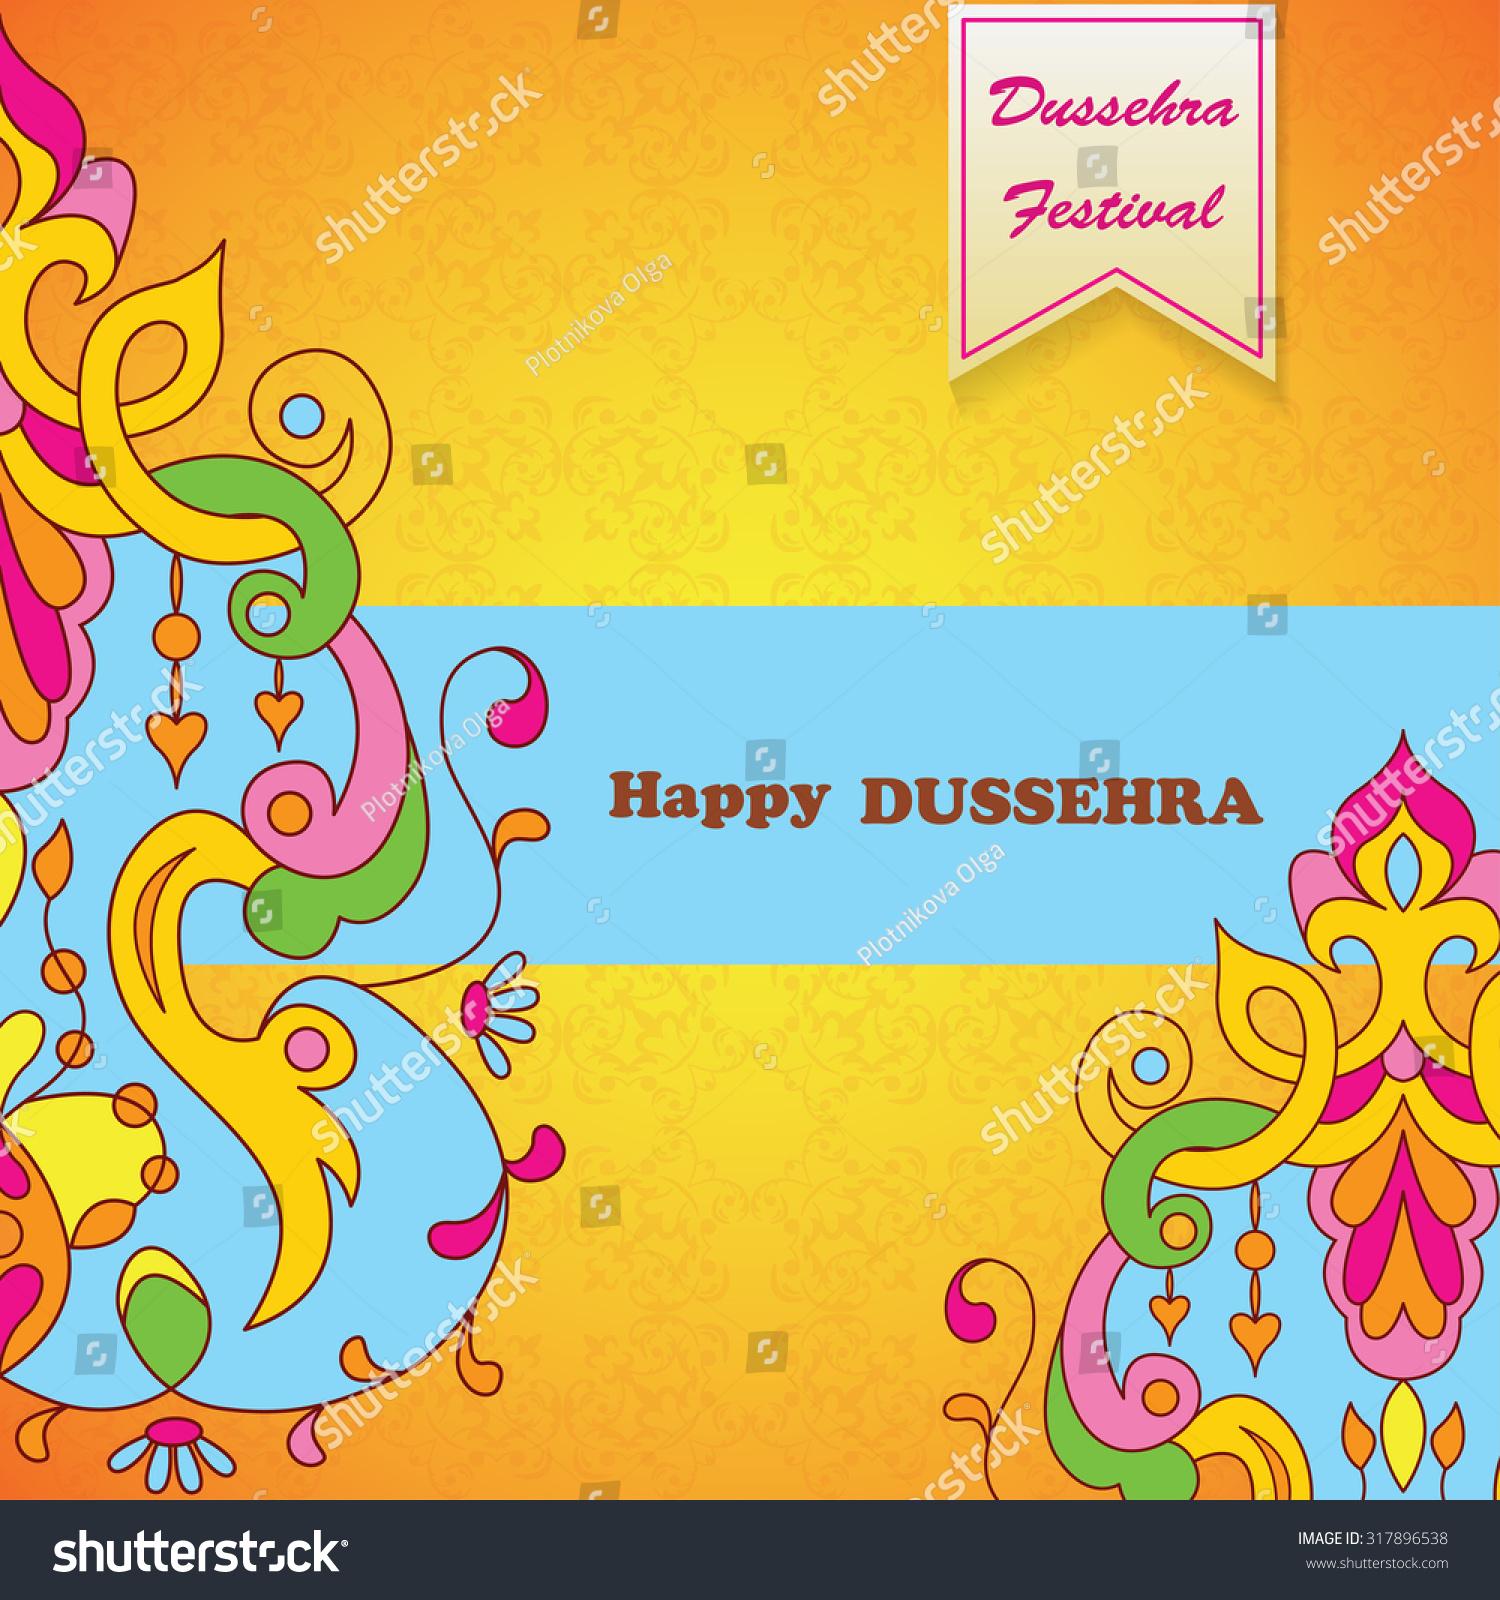 Dussehra festival backgroundgreeting card dussehra celebration stock dussehra festival backgroundeeting card for dussehra celebration in india m4hsunfo